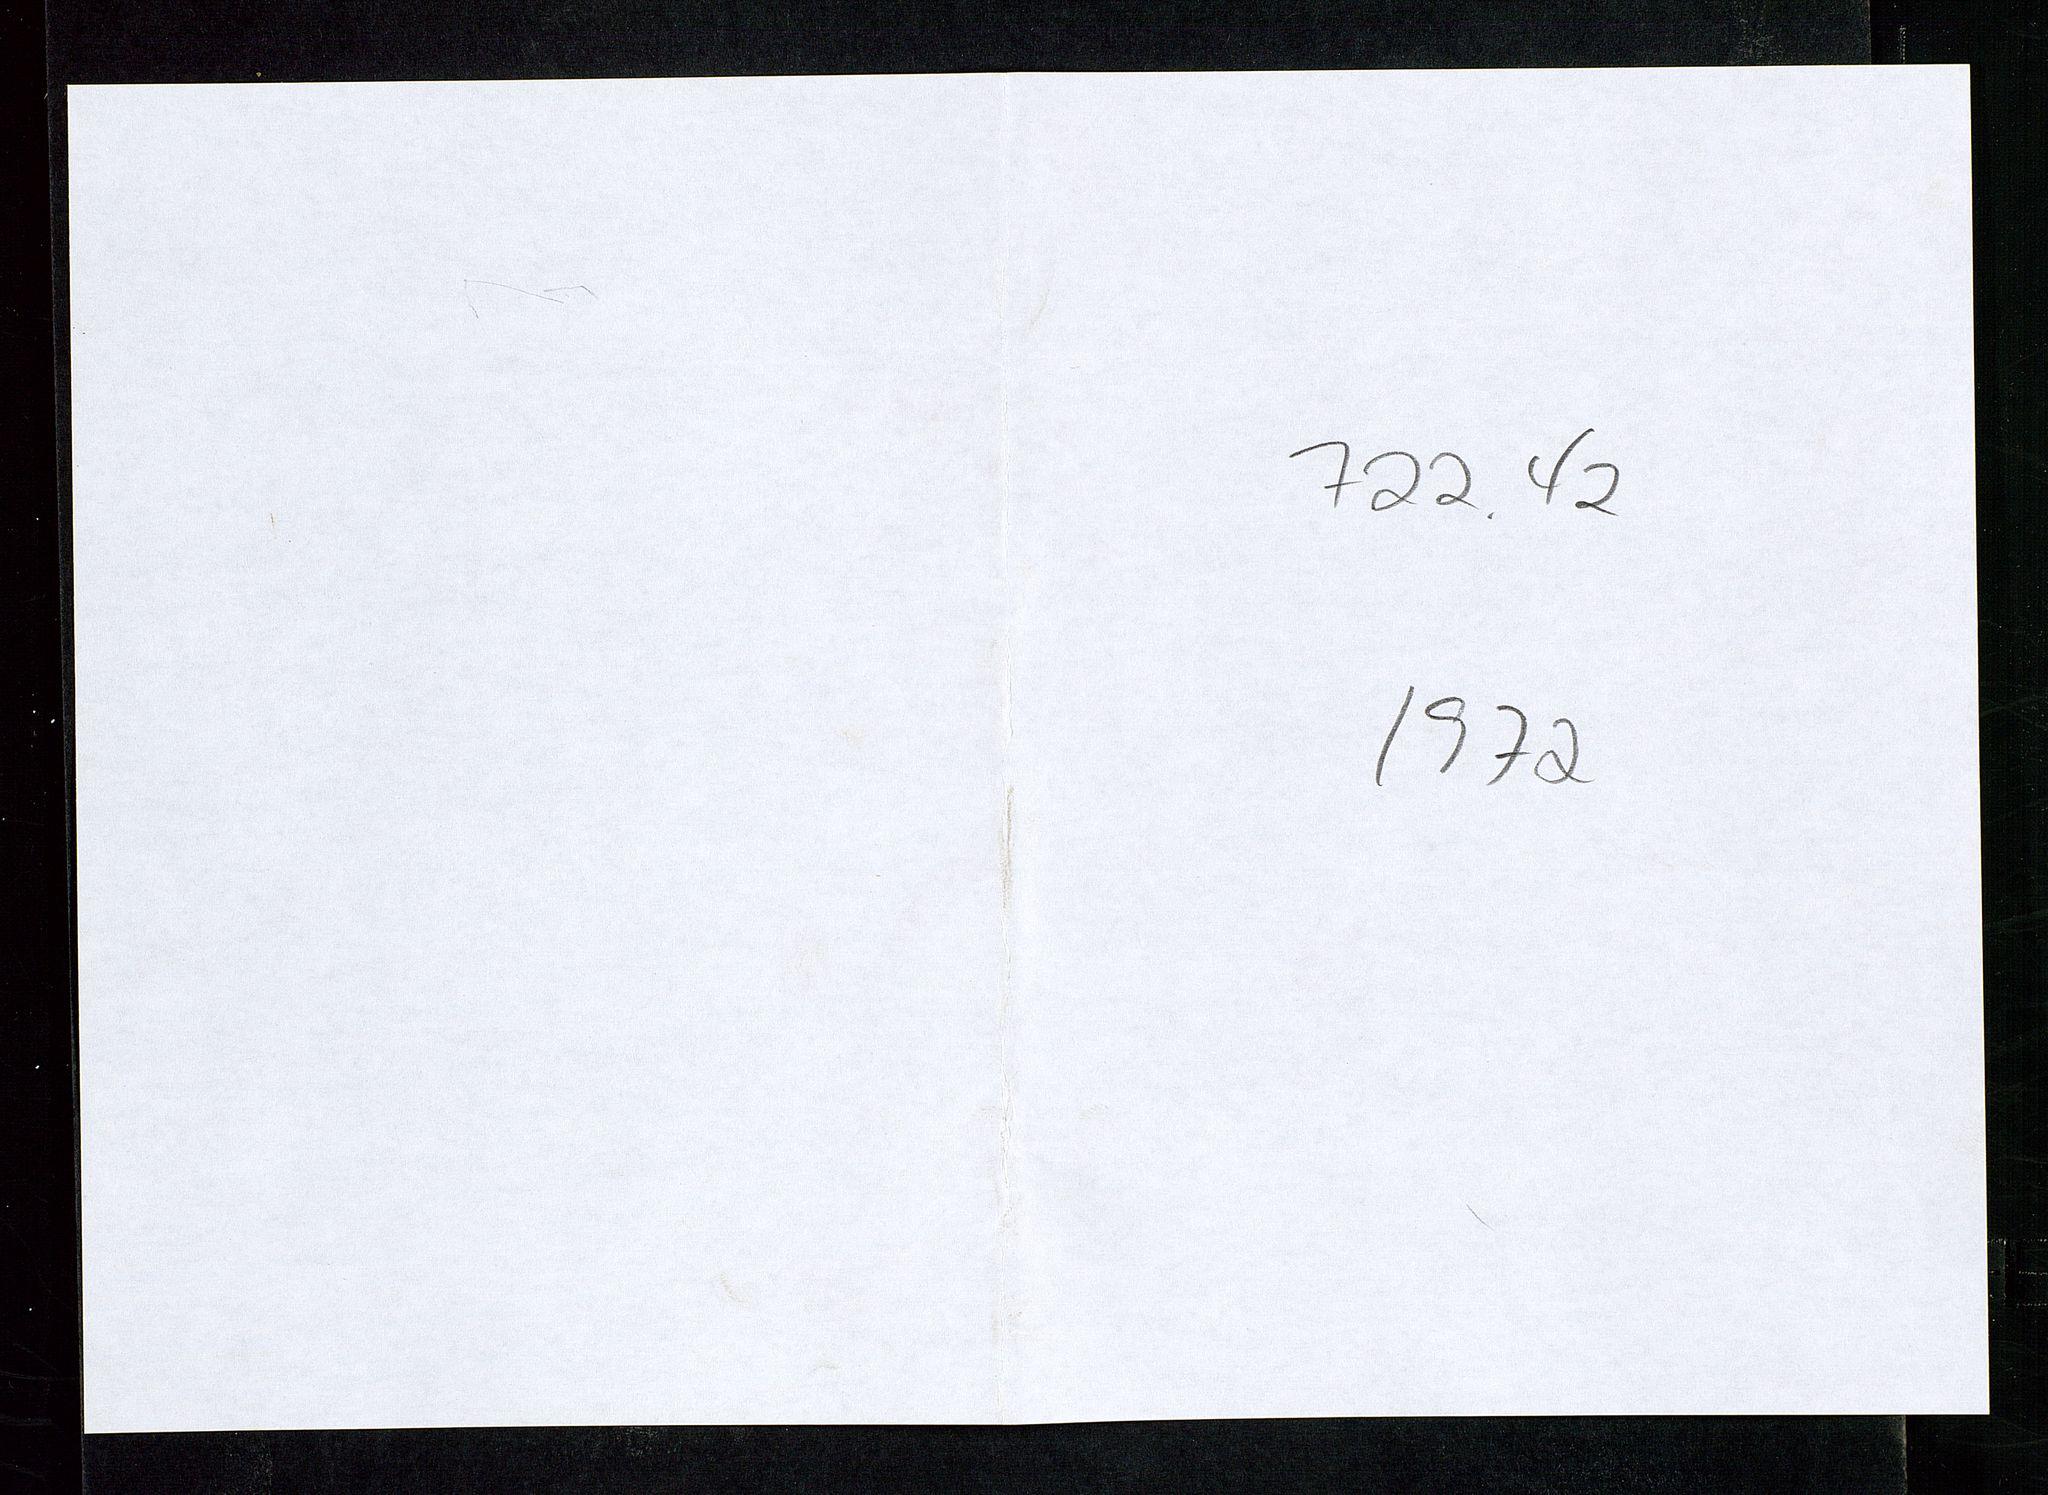 SAST, Industridepartementet, Oljekontoret, Da/L0008:  Arkivnøkkel 721- 722 Geofysikk, forskning, 1970-1972, s. 512